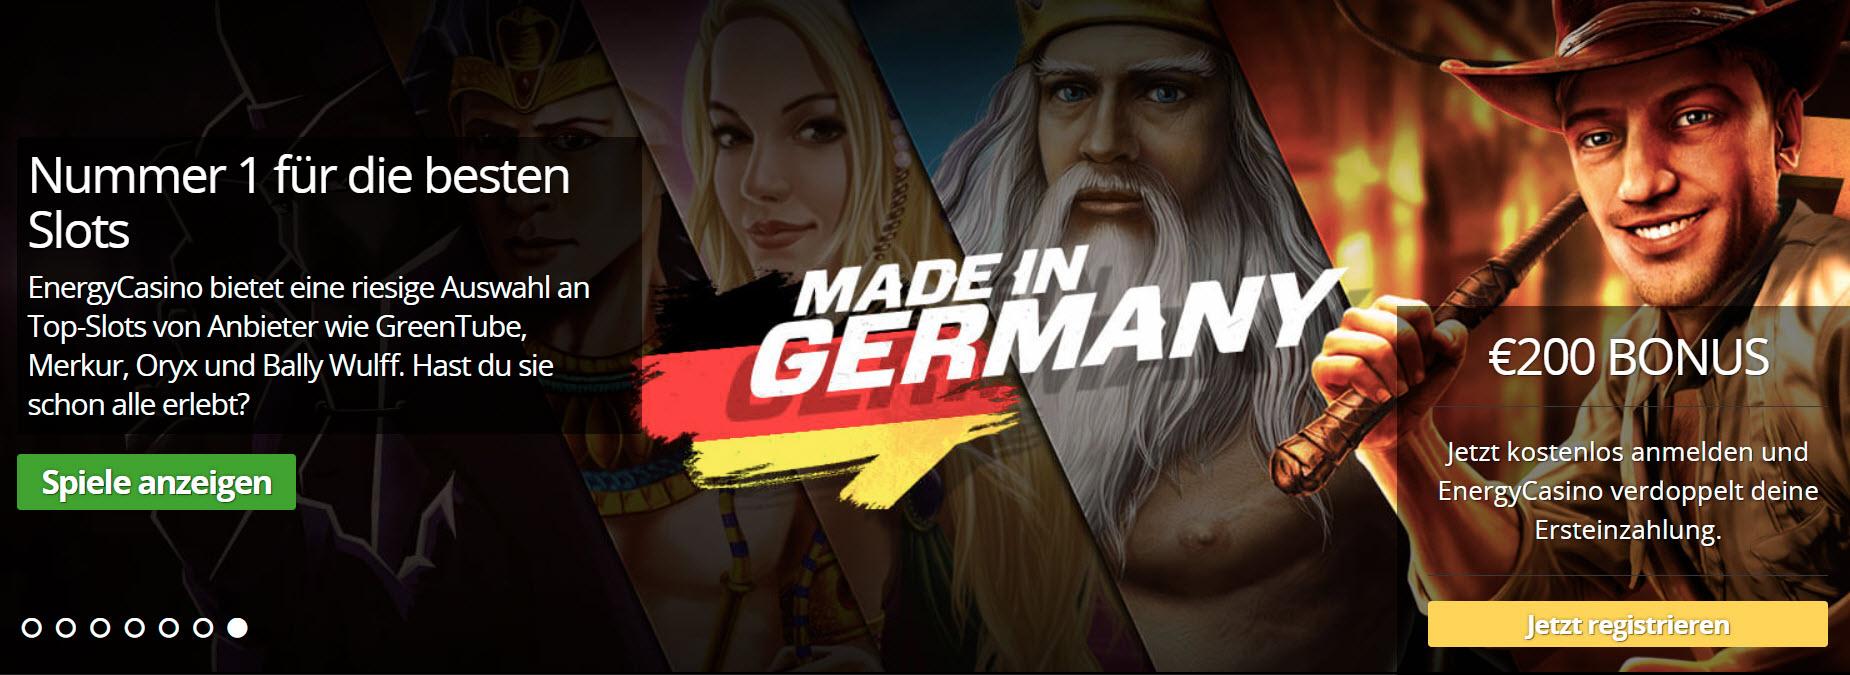 Made in germany ist ein Attribut für eine gute Stargames und Novoline Alternative